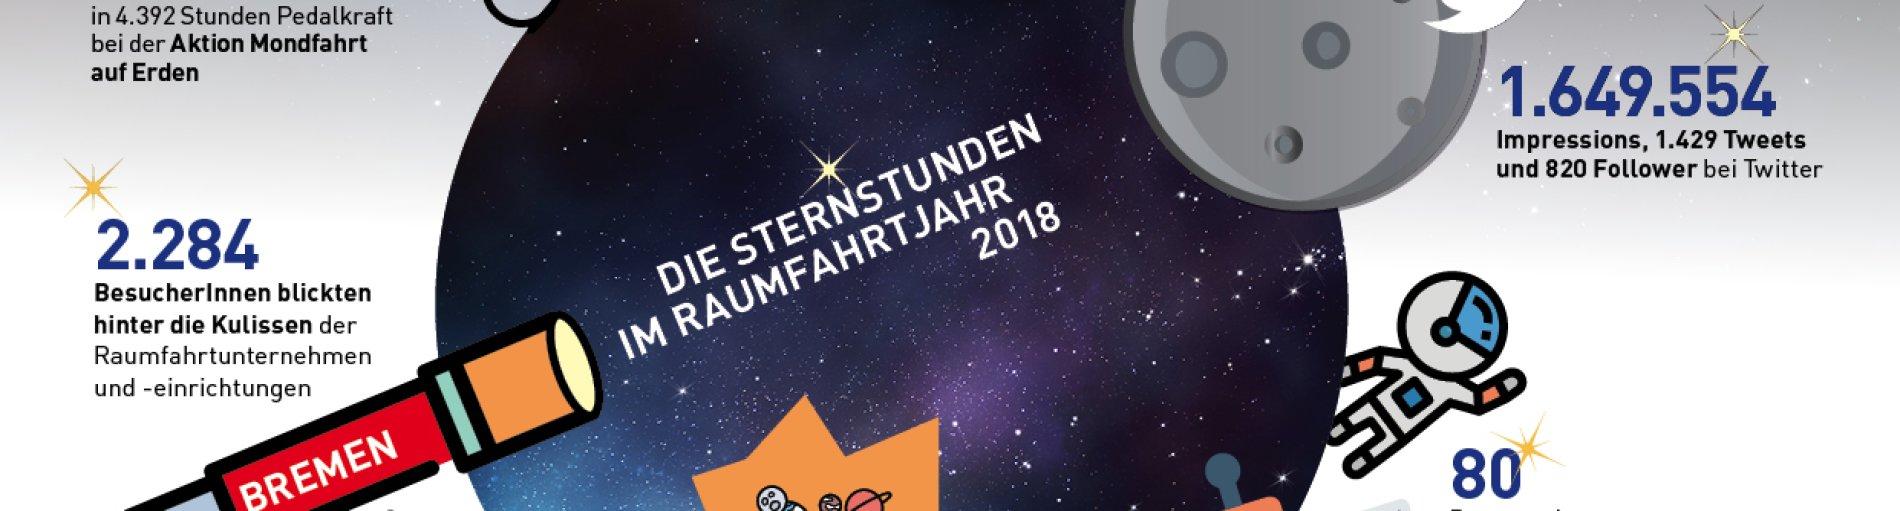 Grafik mit Zahlen zum Raumfahrtjahr Bremen STERNSTUNDEN 2018